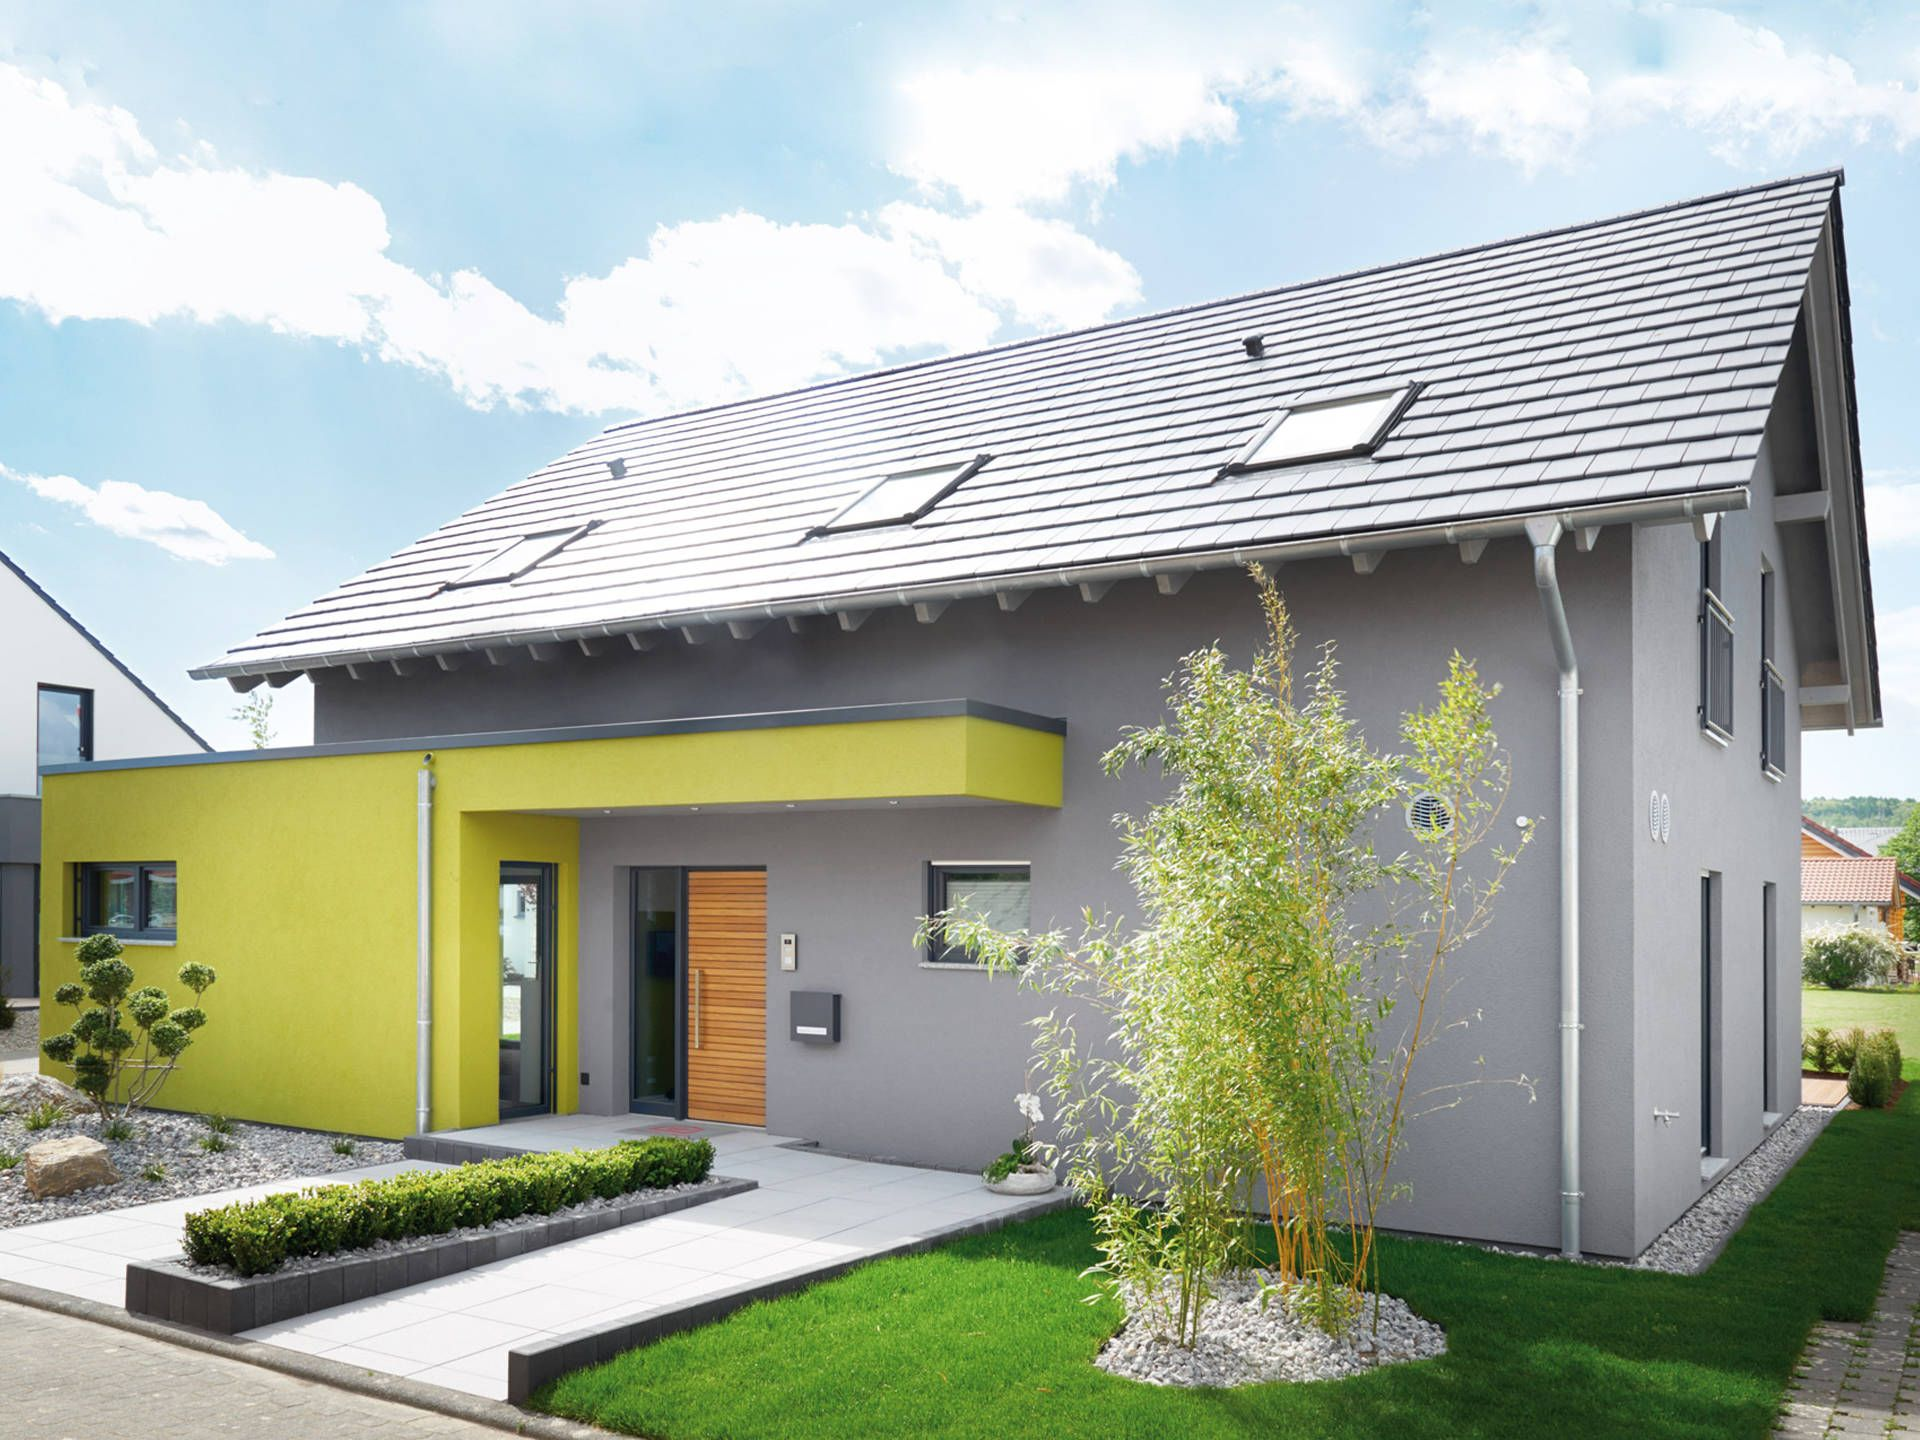 Nice Musterhaus Koblenz R 131.20 U2022 Musterhaus Von Fingerhut Haus U2022 Vielseitiges  Einfamilienhaus Mit Eingeschobenem Flachdachbau Und Great Pictures